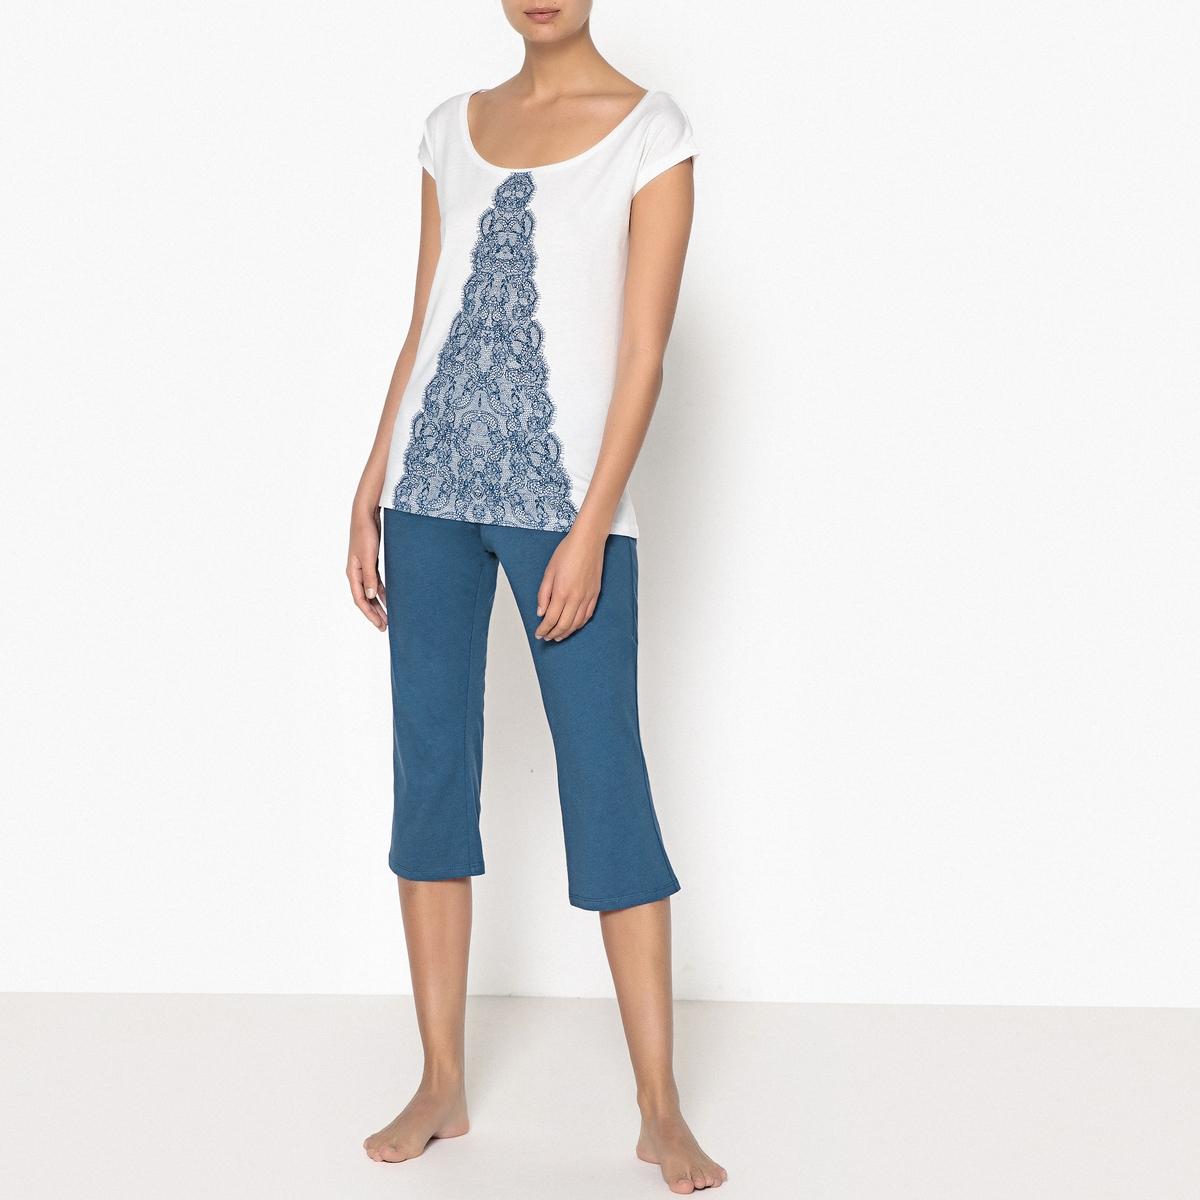 Пижама с шортами из хлопка с принтом из кружева цены онлайн